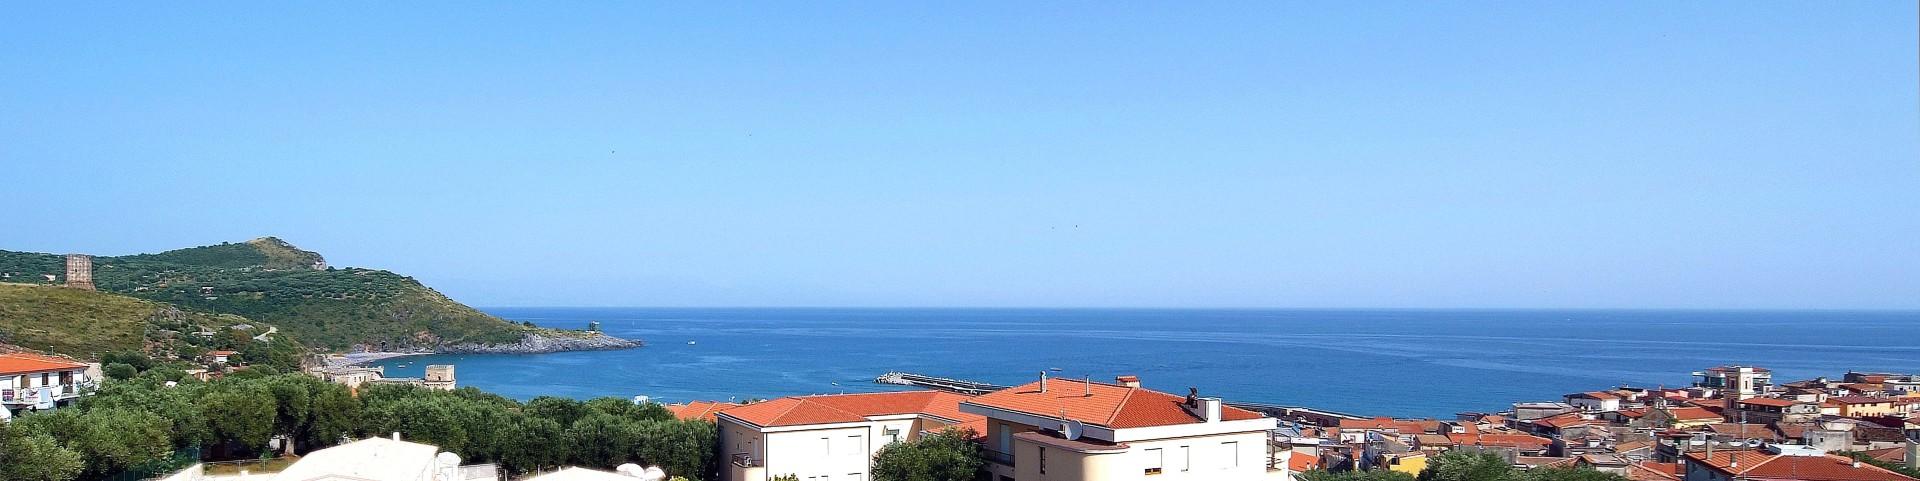 Marina di Camerota, celkový pohled